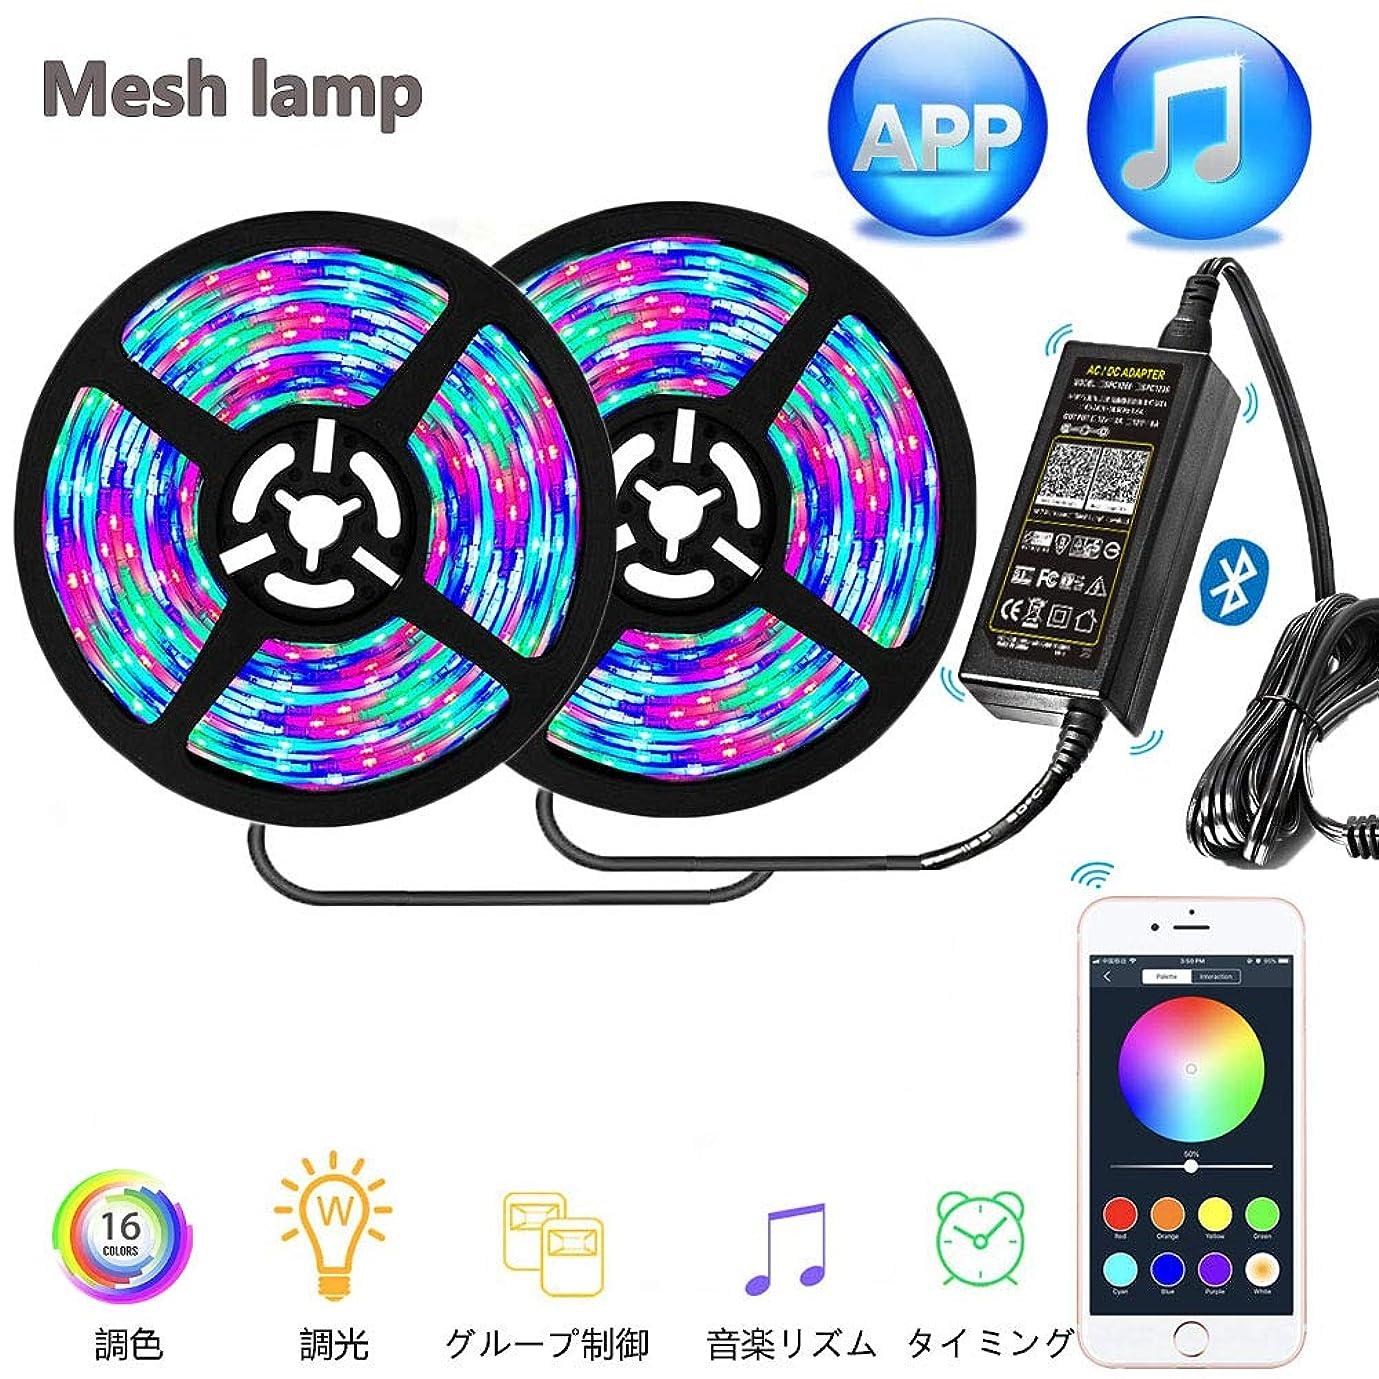 ドラムチューインガム未亡人LEDテープライト APP制御 音楽LEDテープ 調光調色 防水 高輝度 SMD3528 10M 600連 テープ RGB LED、クローゼット、ミラー、天井、屋内および屋外用のRGB柔軟なテープライト 5A/12V (2835RGB-5M, 2個)